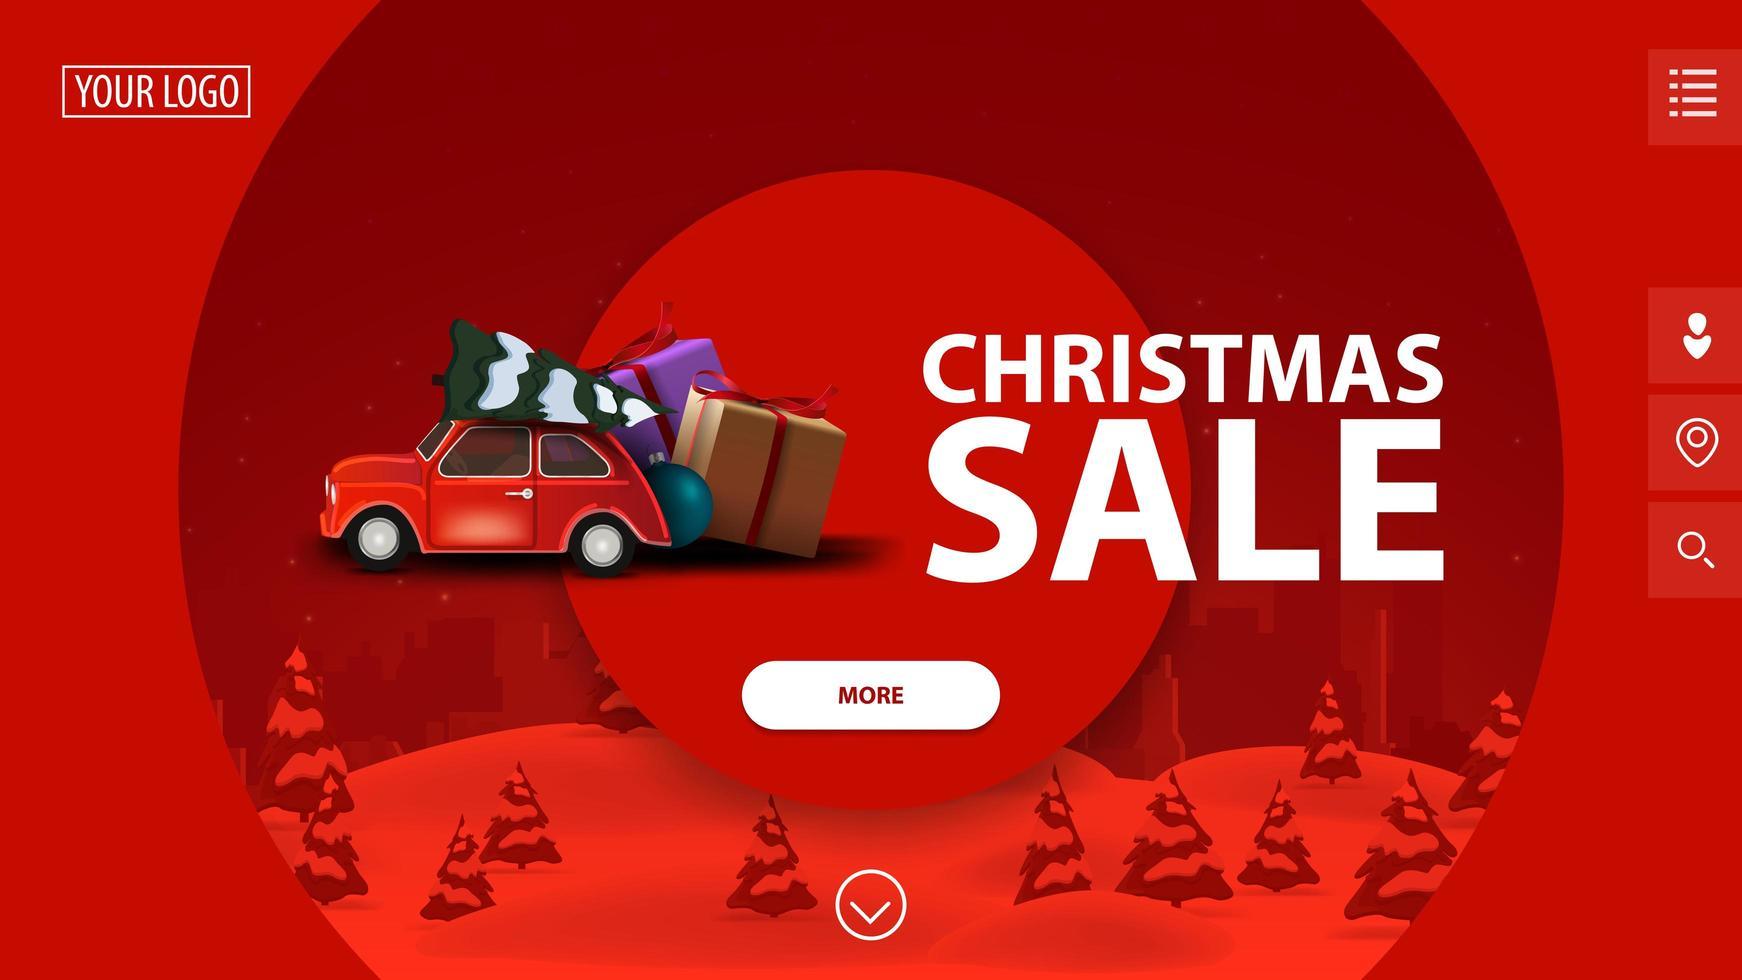 liquidação de natal, lindo banner vermelho moderno de desconto com grandes círculos decorativos, paisagem de inverno no fundo e carro vintage vermelho carregando árvore de natal vetor